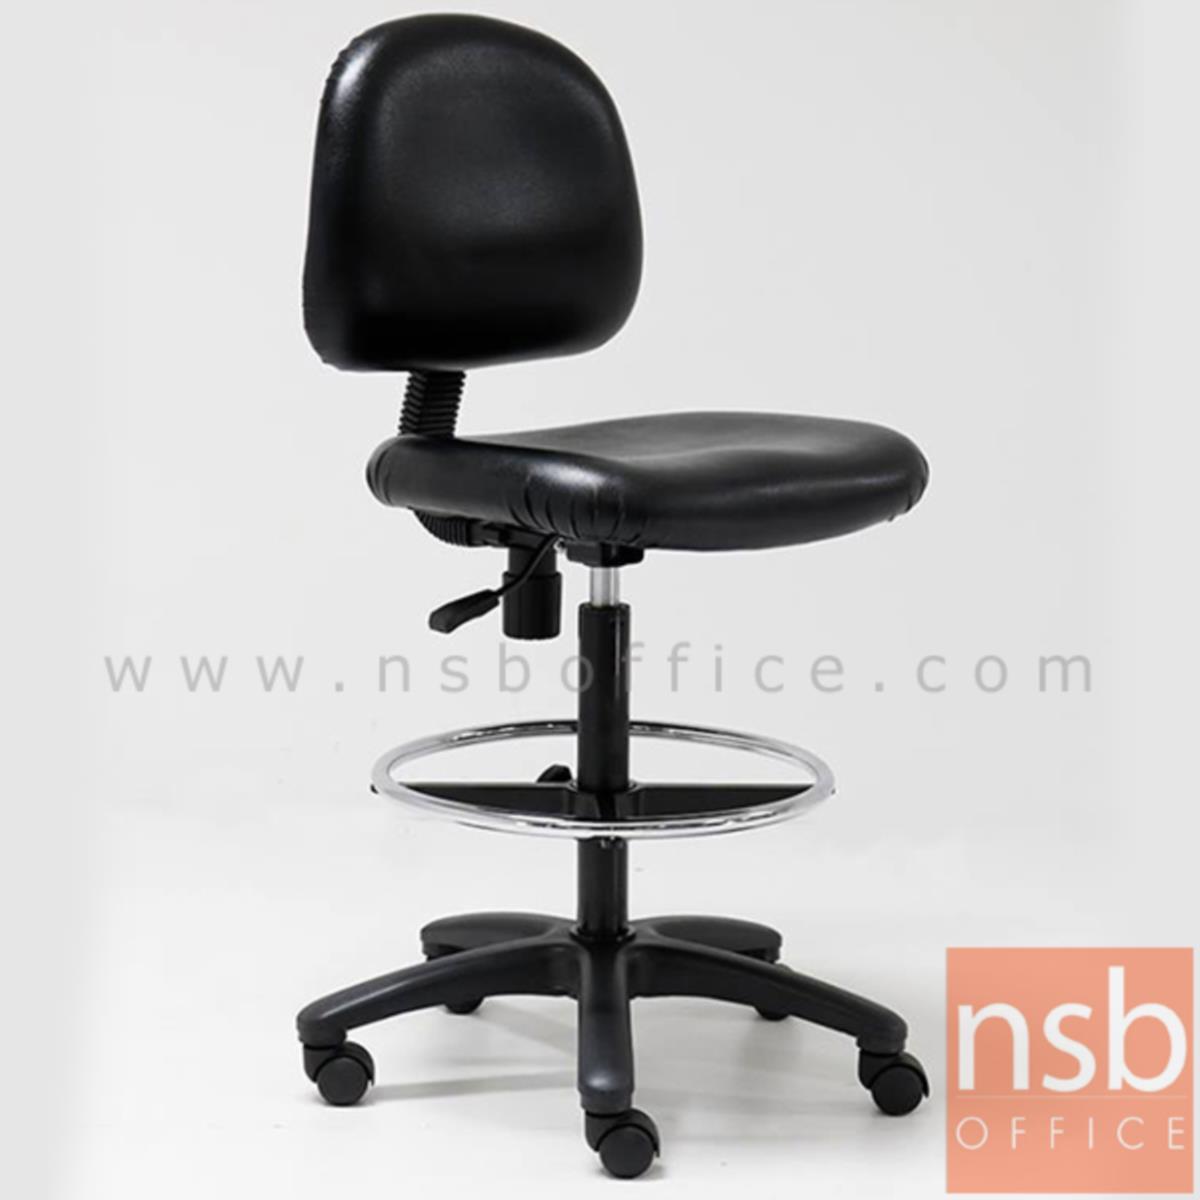 B09A081:เก้าอี้บาร์ที่นั่งเหลี่ยมล้อเลื่อน รุ่น Leuyer (ลอเยอร์)  โช๊คแก๊ส ขาพลาสติกแบบตัน